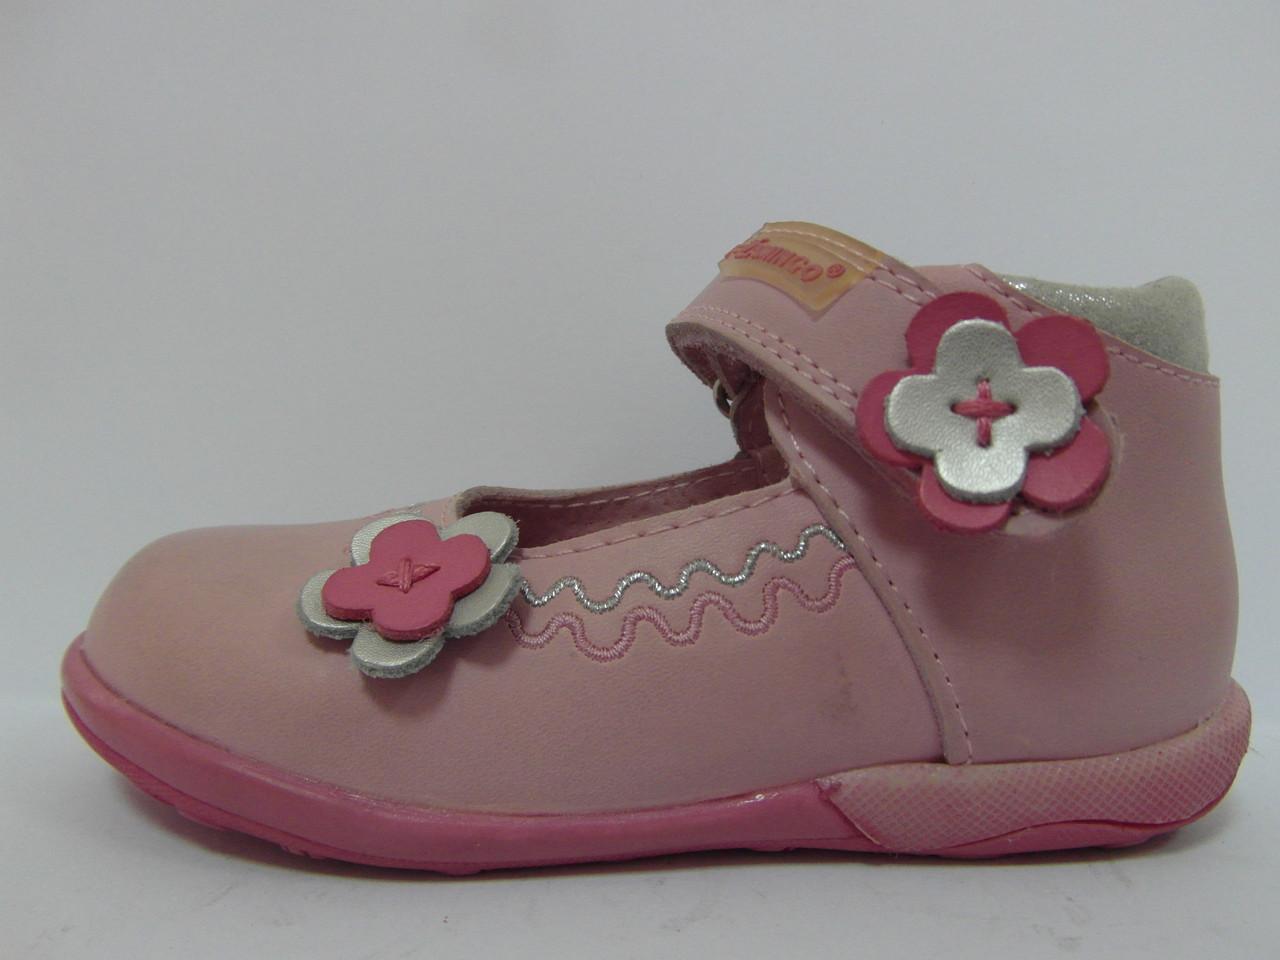 dfdc450a9 Туфельки Фламинго кожа на девочку 22 р., цена 340 грн., купить в ...